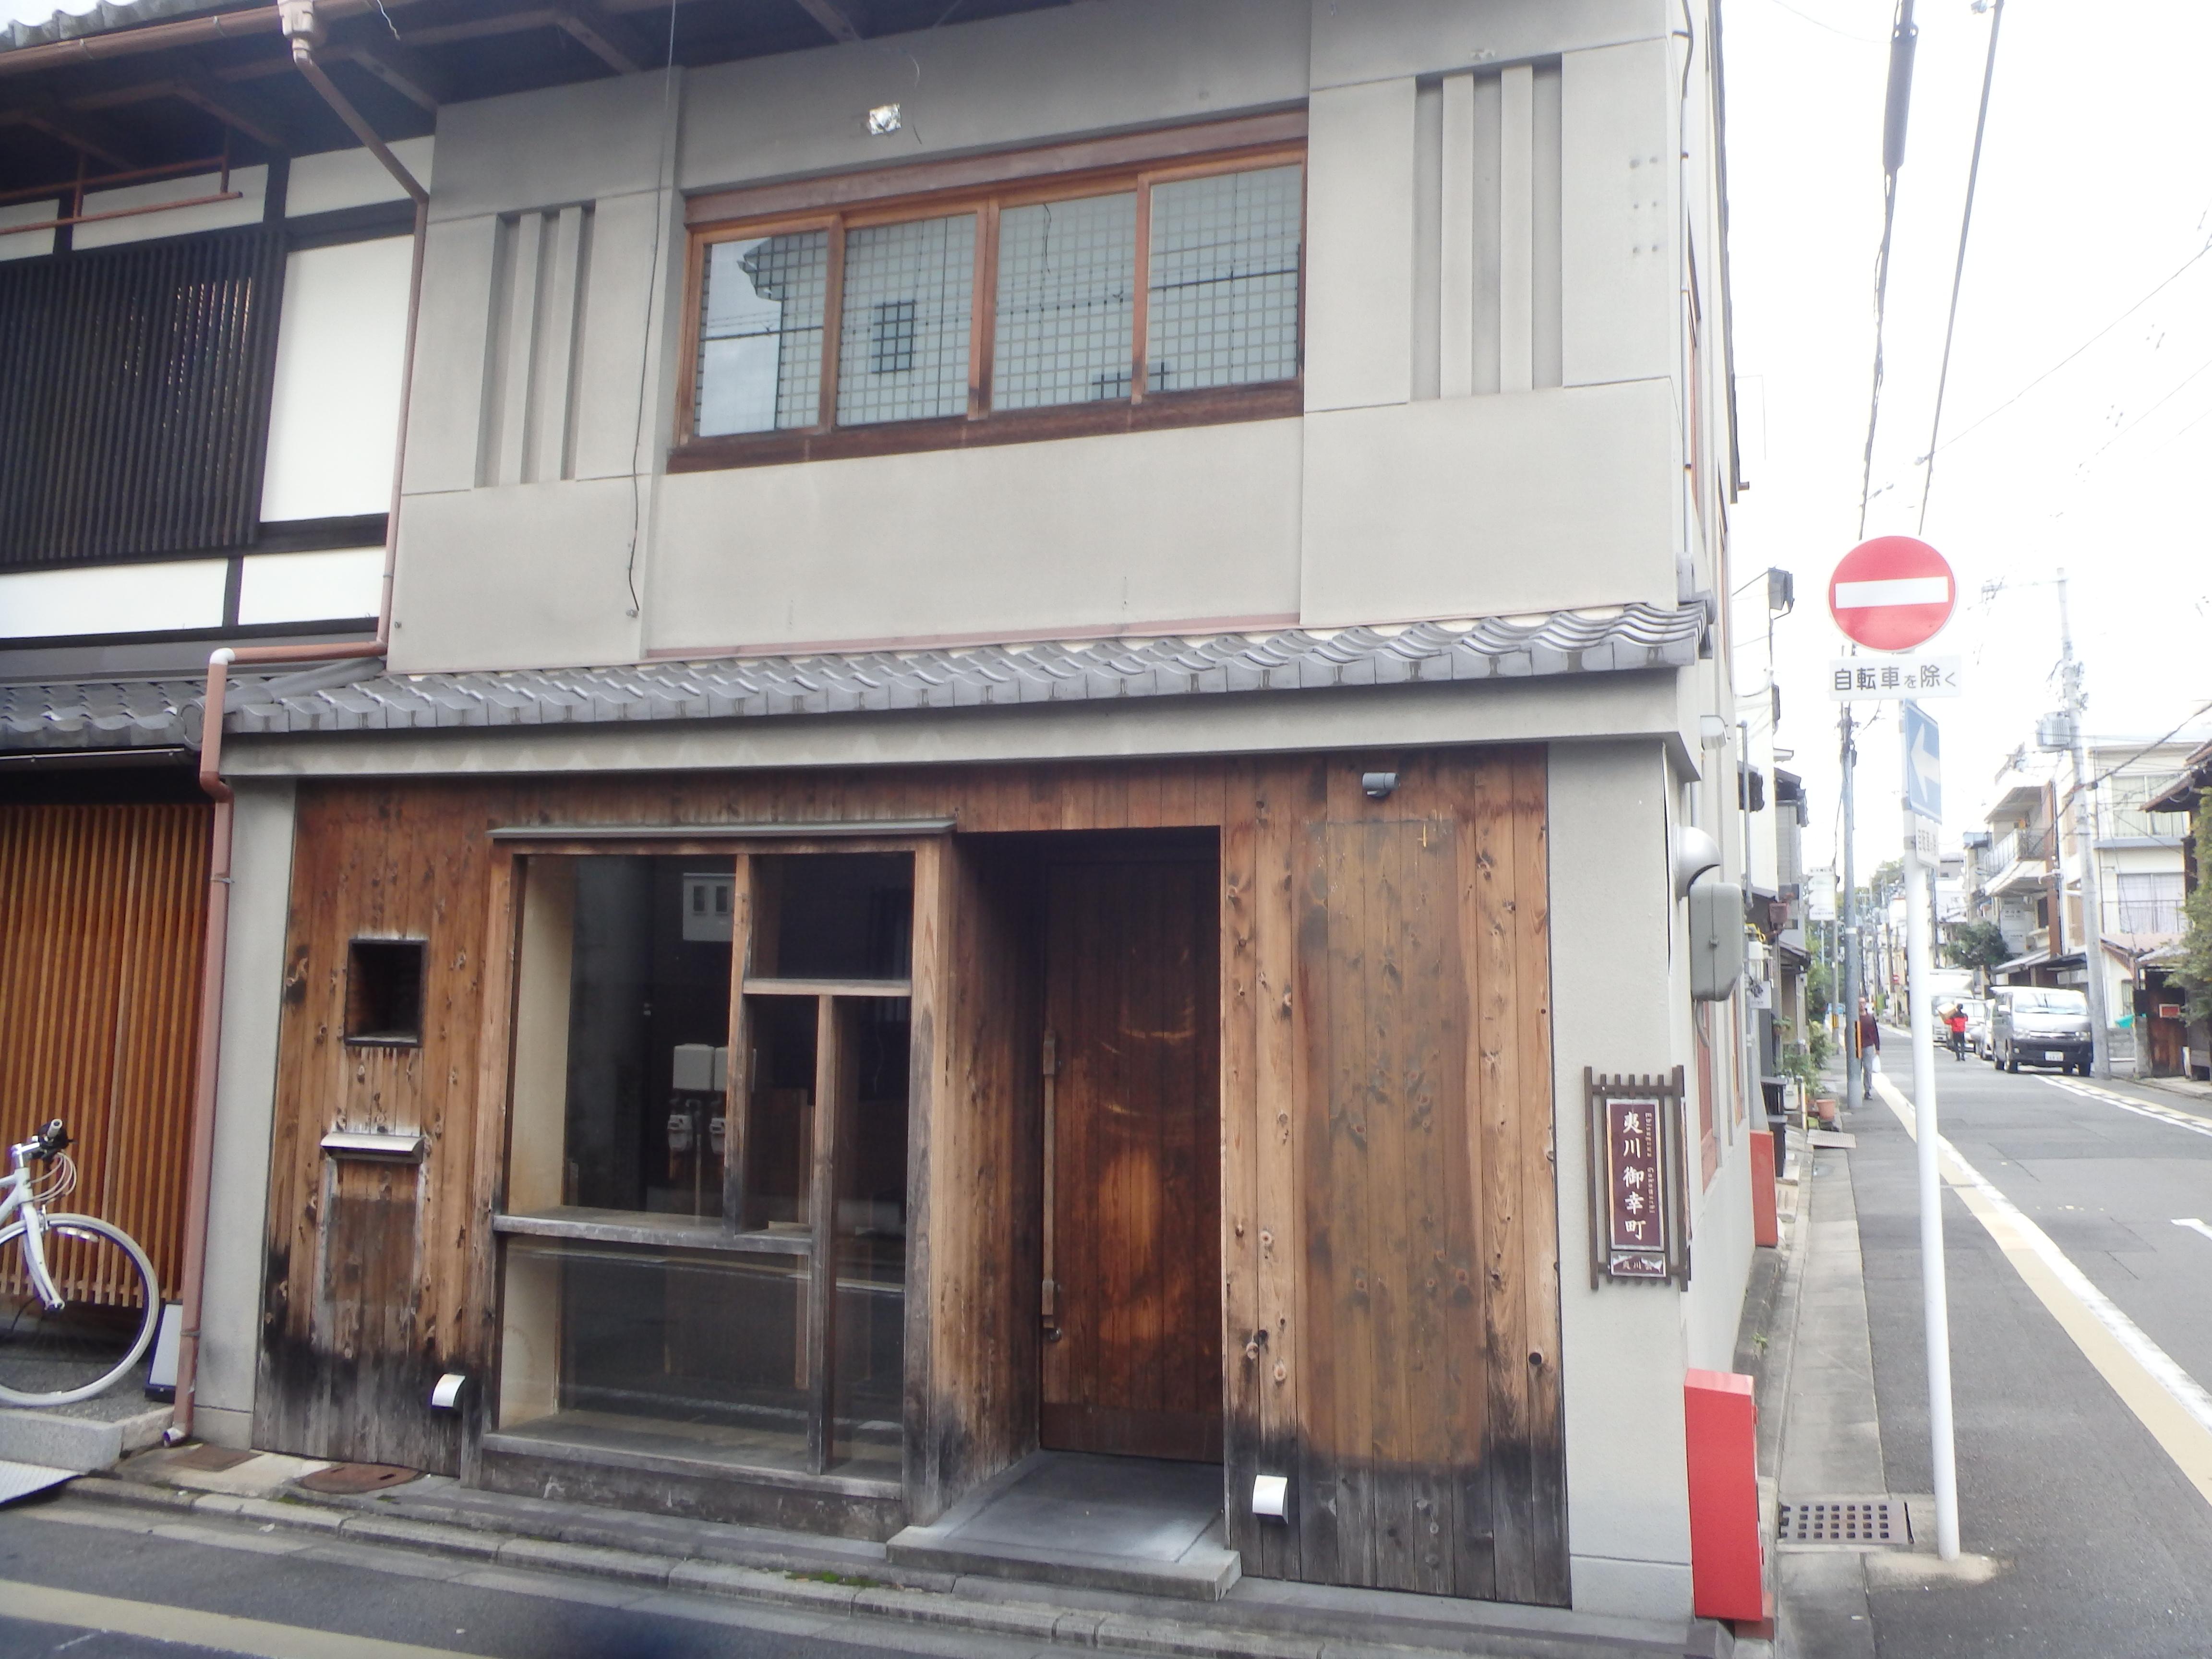 京都市役所前の店舗物件